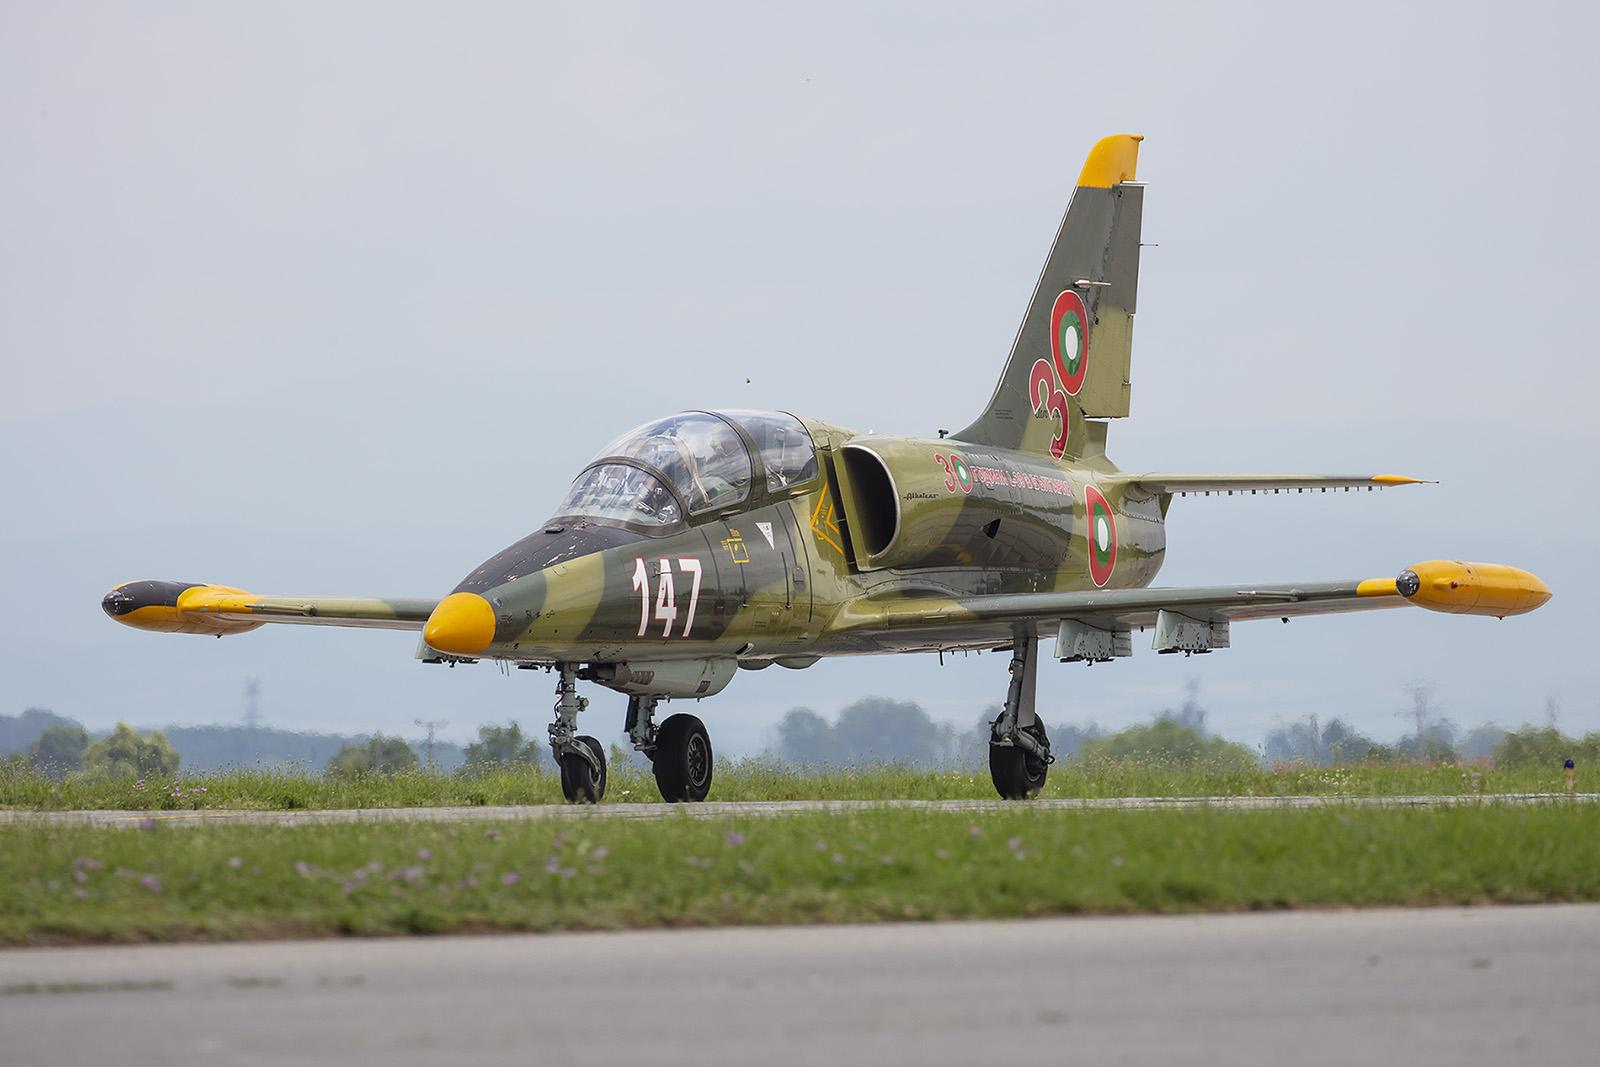 Neben ihrer Aufgabe als Schulflugzeug, kann die L-39 auch als Aufklärer und leichter Jäger eingesetzt werden.